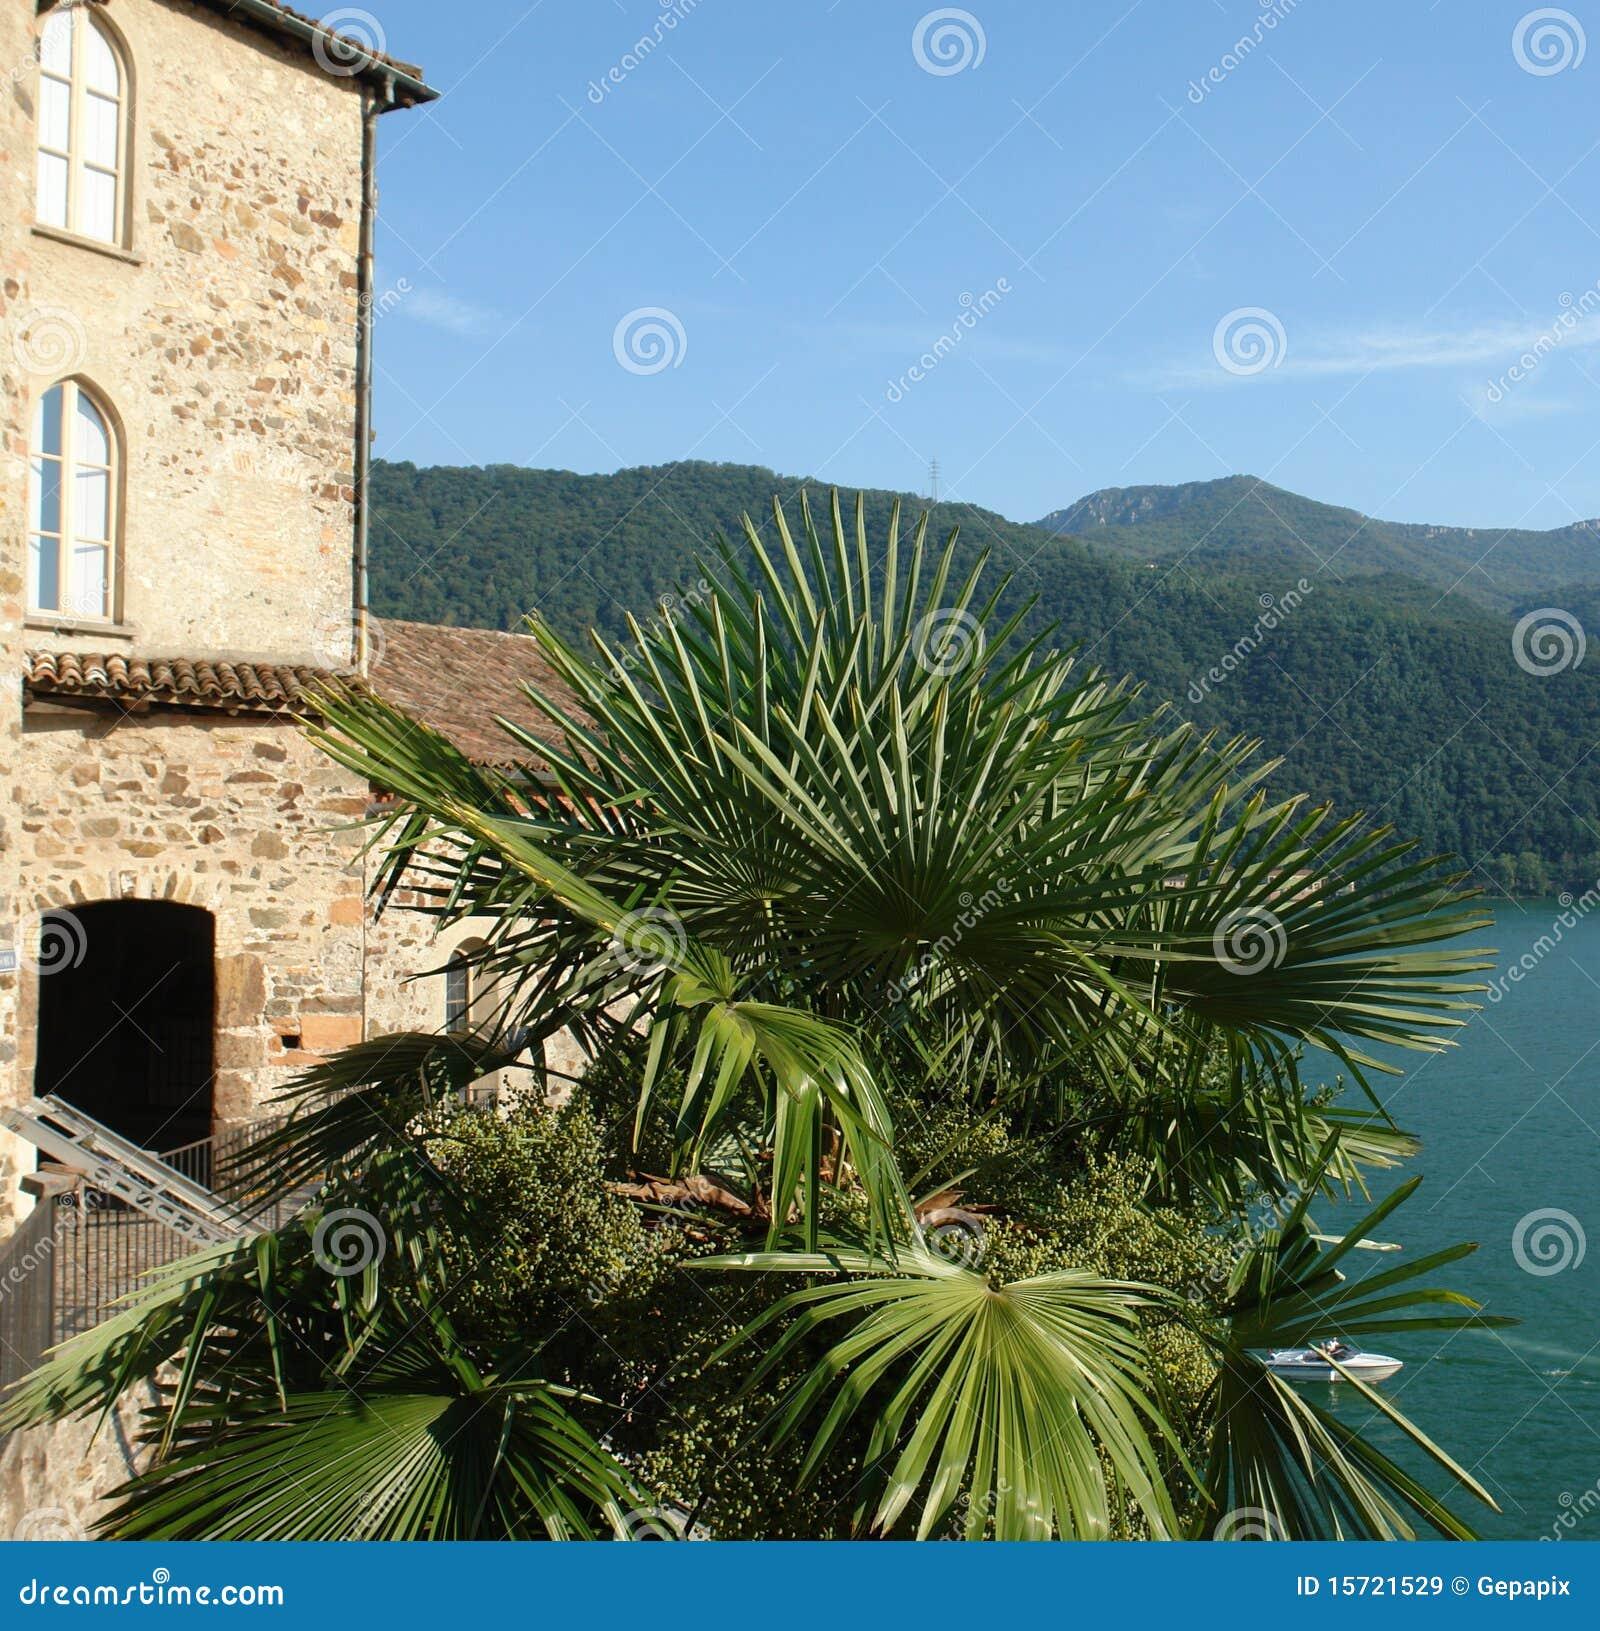 See Lugano